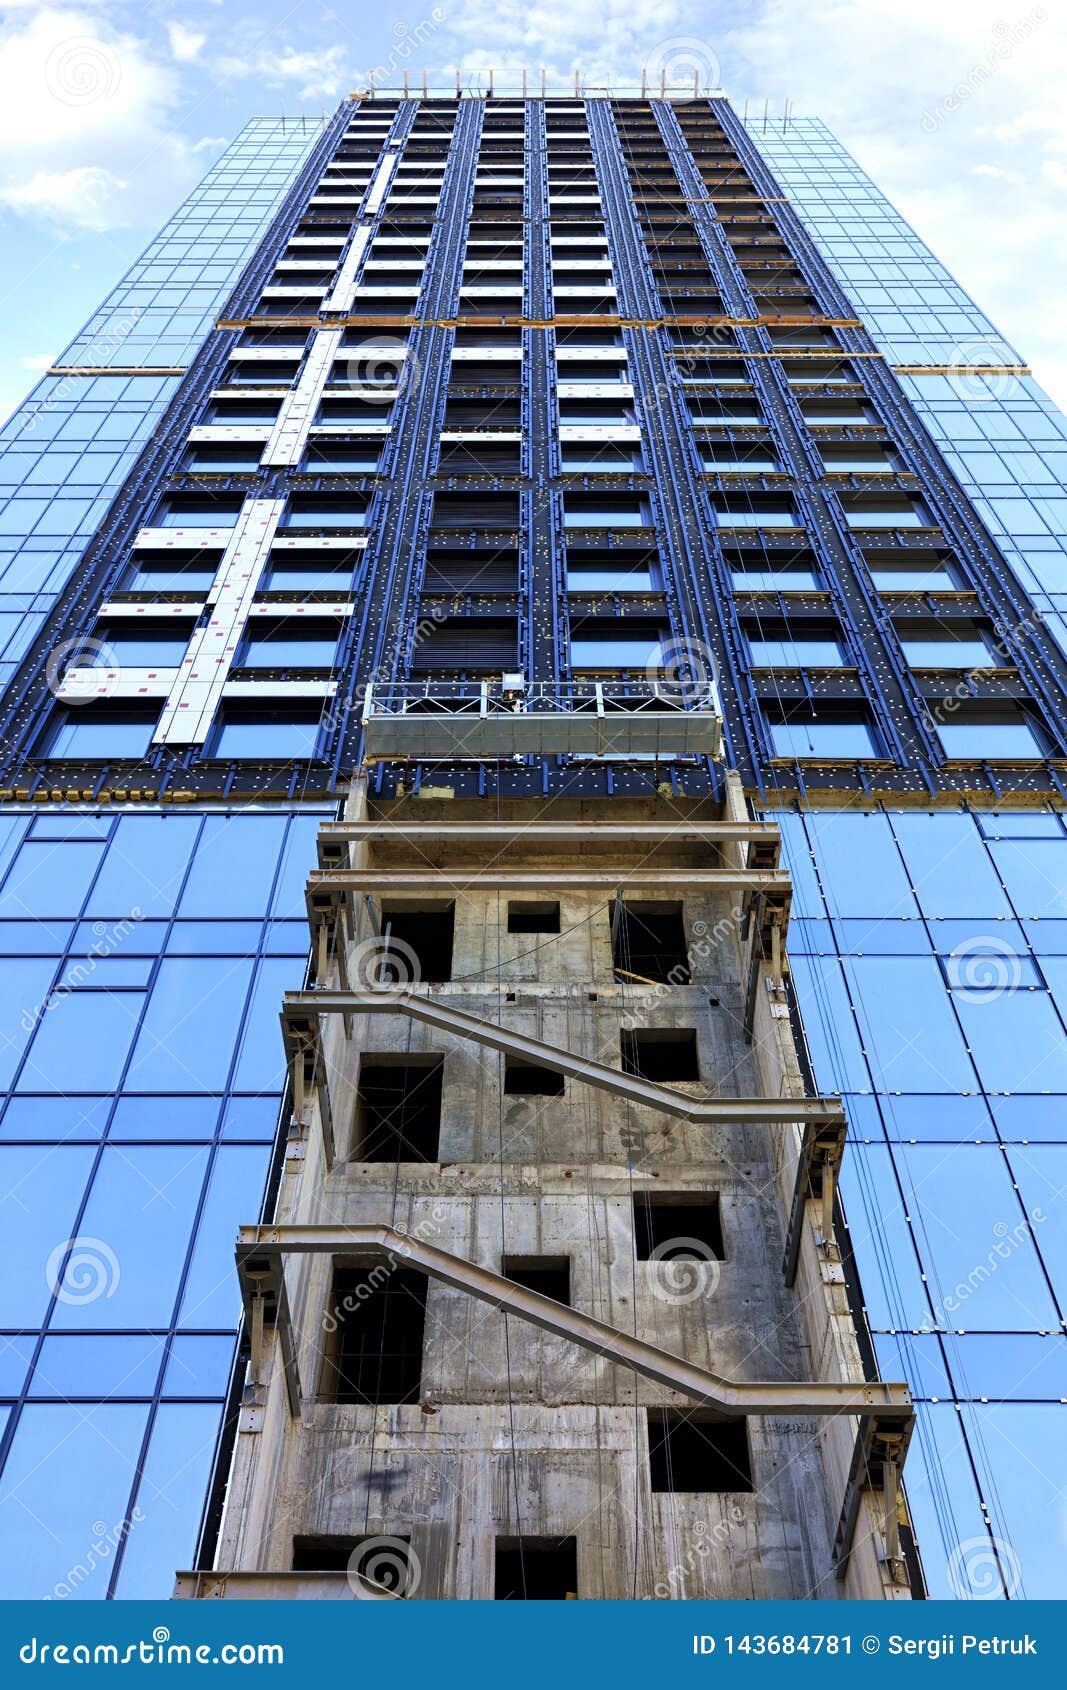 Um fragmento da fachada de uma casa sob a construção, uma construção moderna está sendo construído, a vista é dirigido para cima